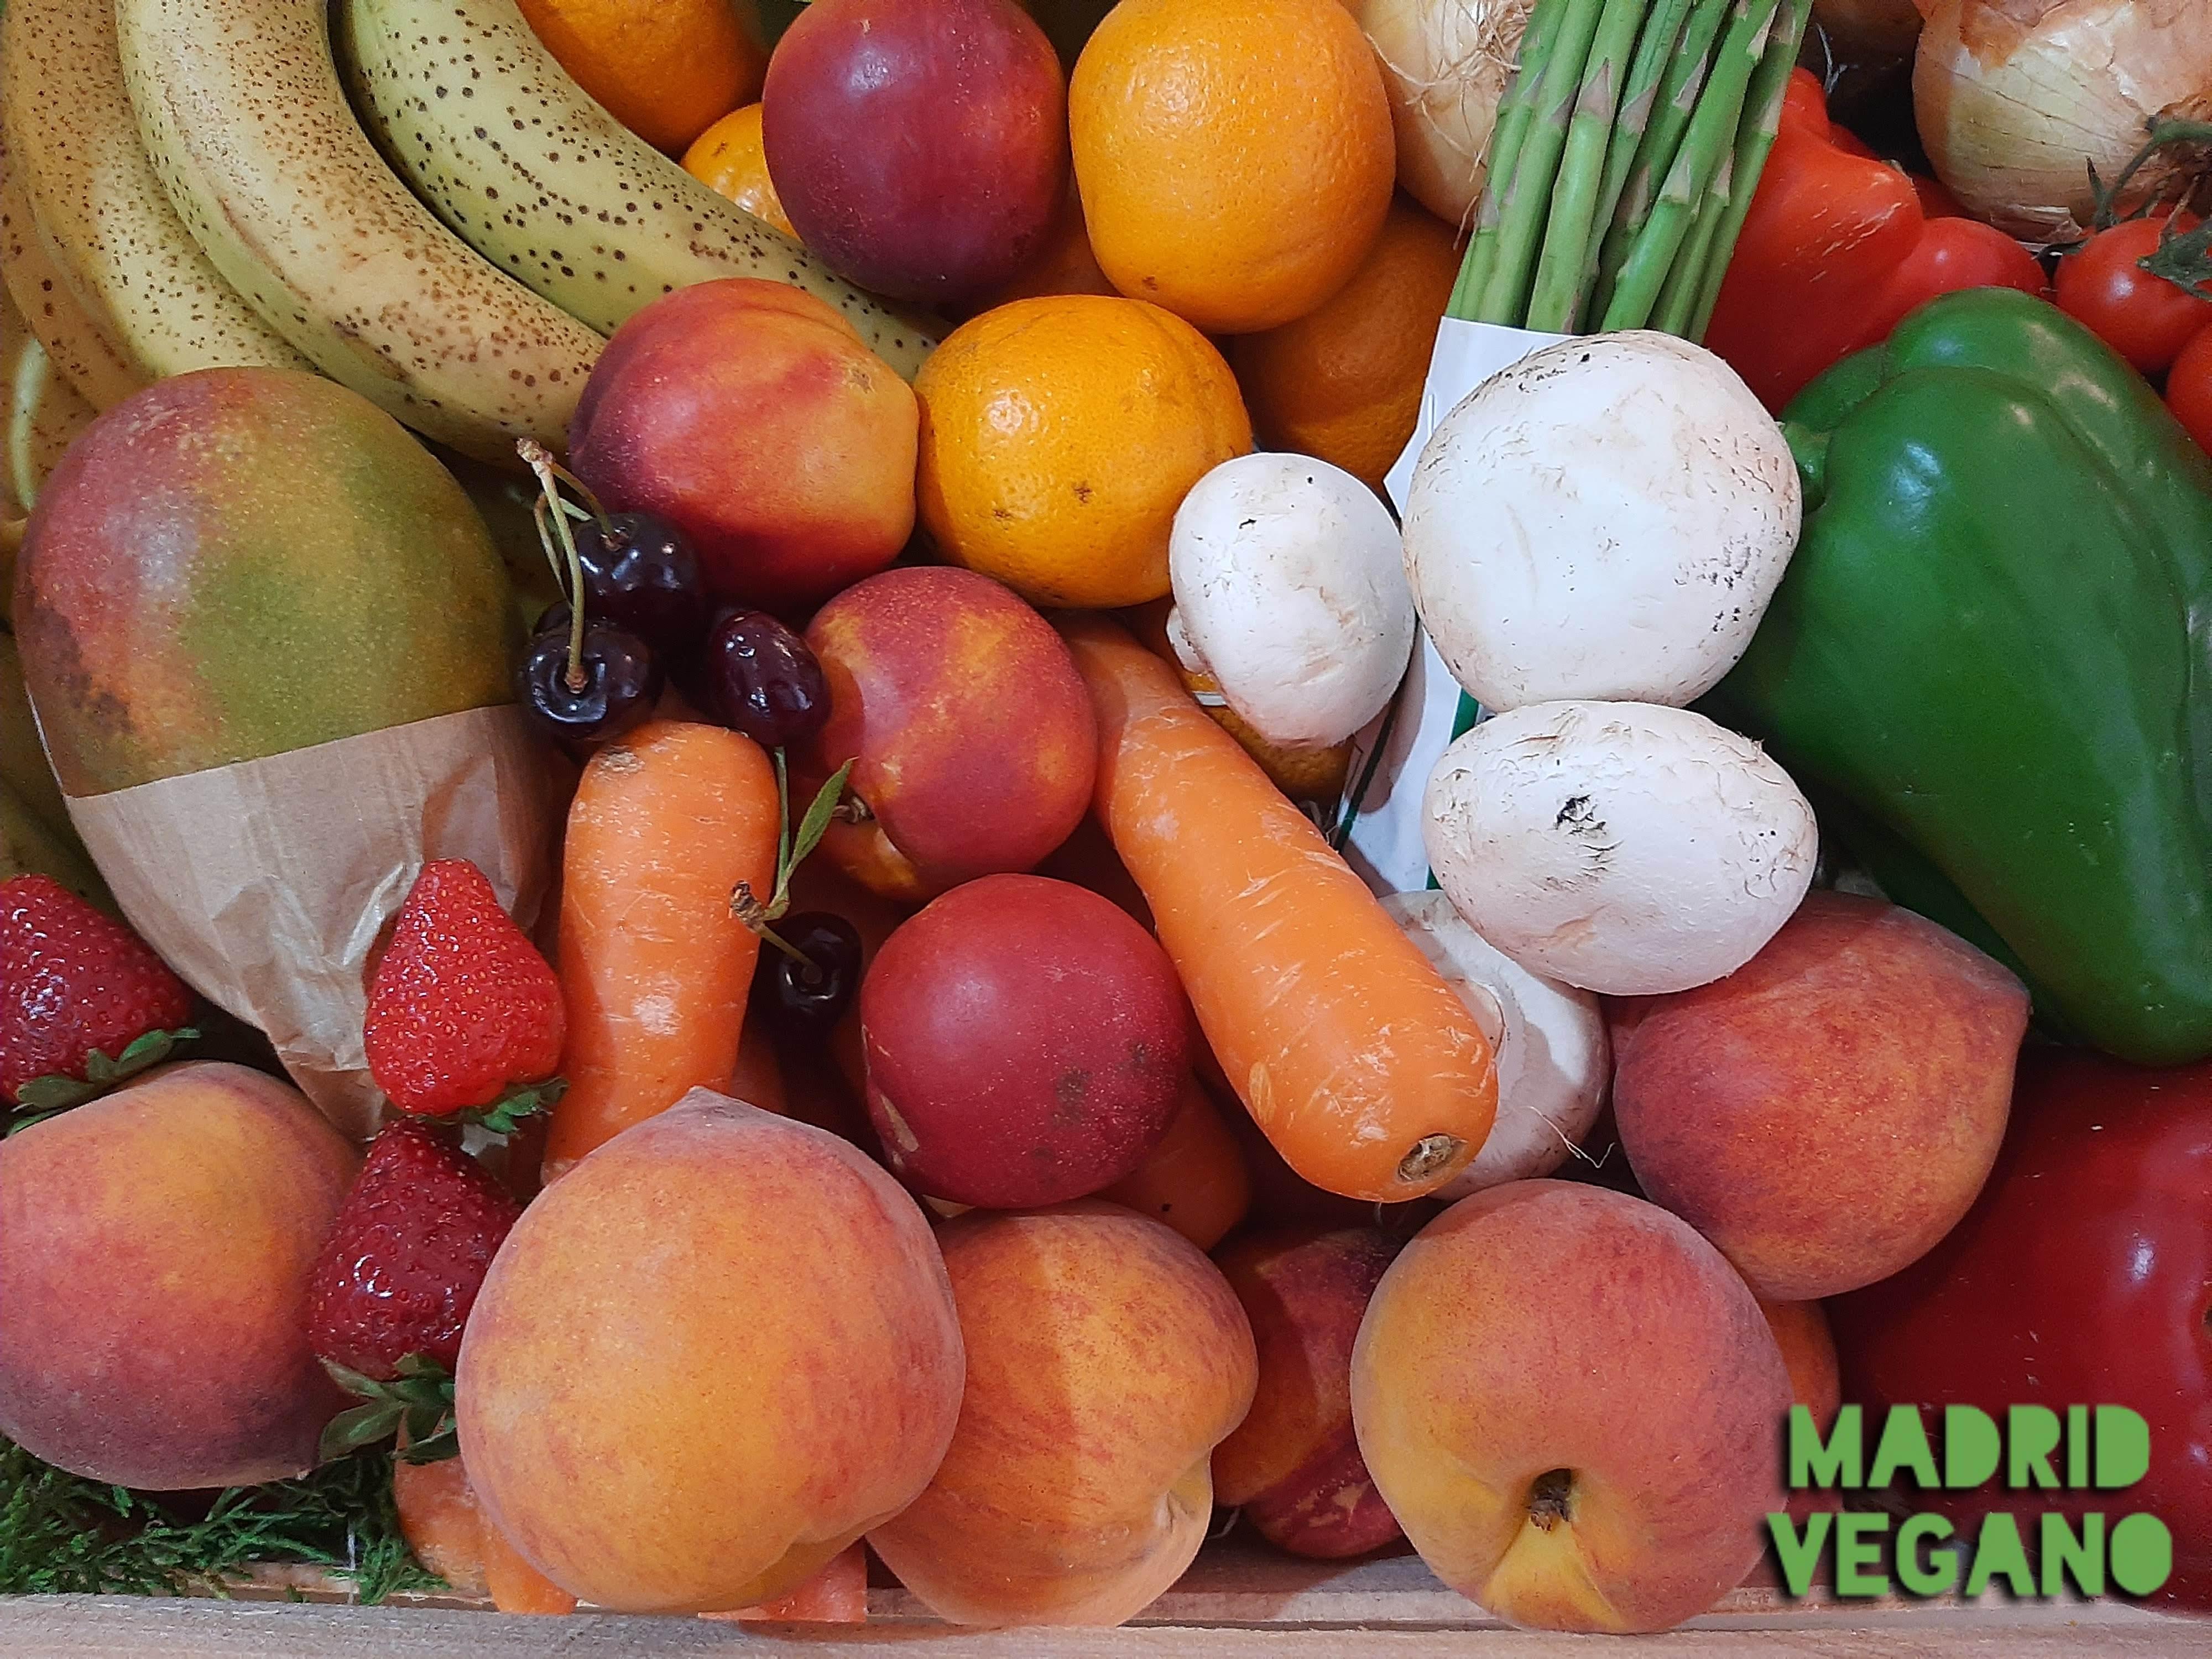 Establecimientos veganos en Madrid, ¿cuándo abren o cierran en agosto?